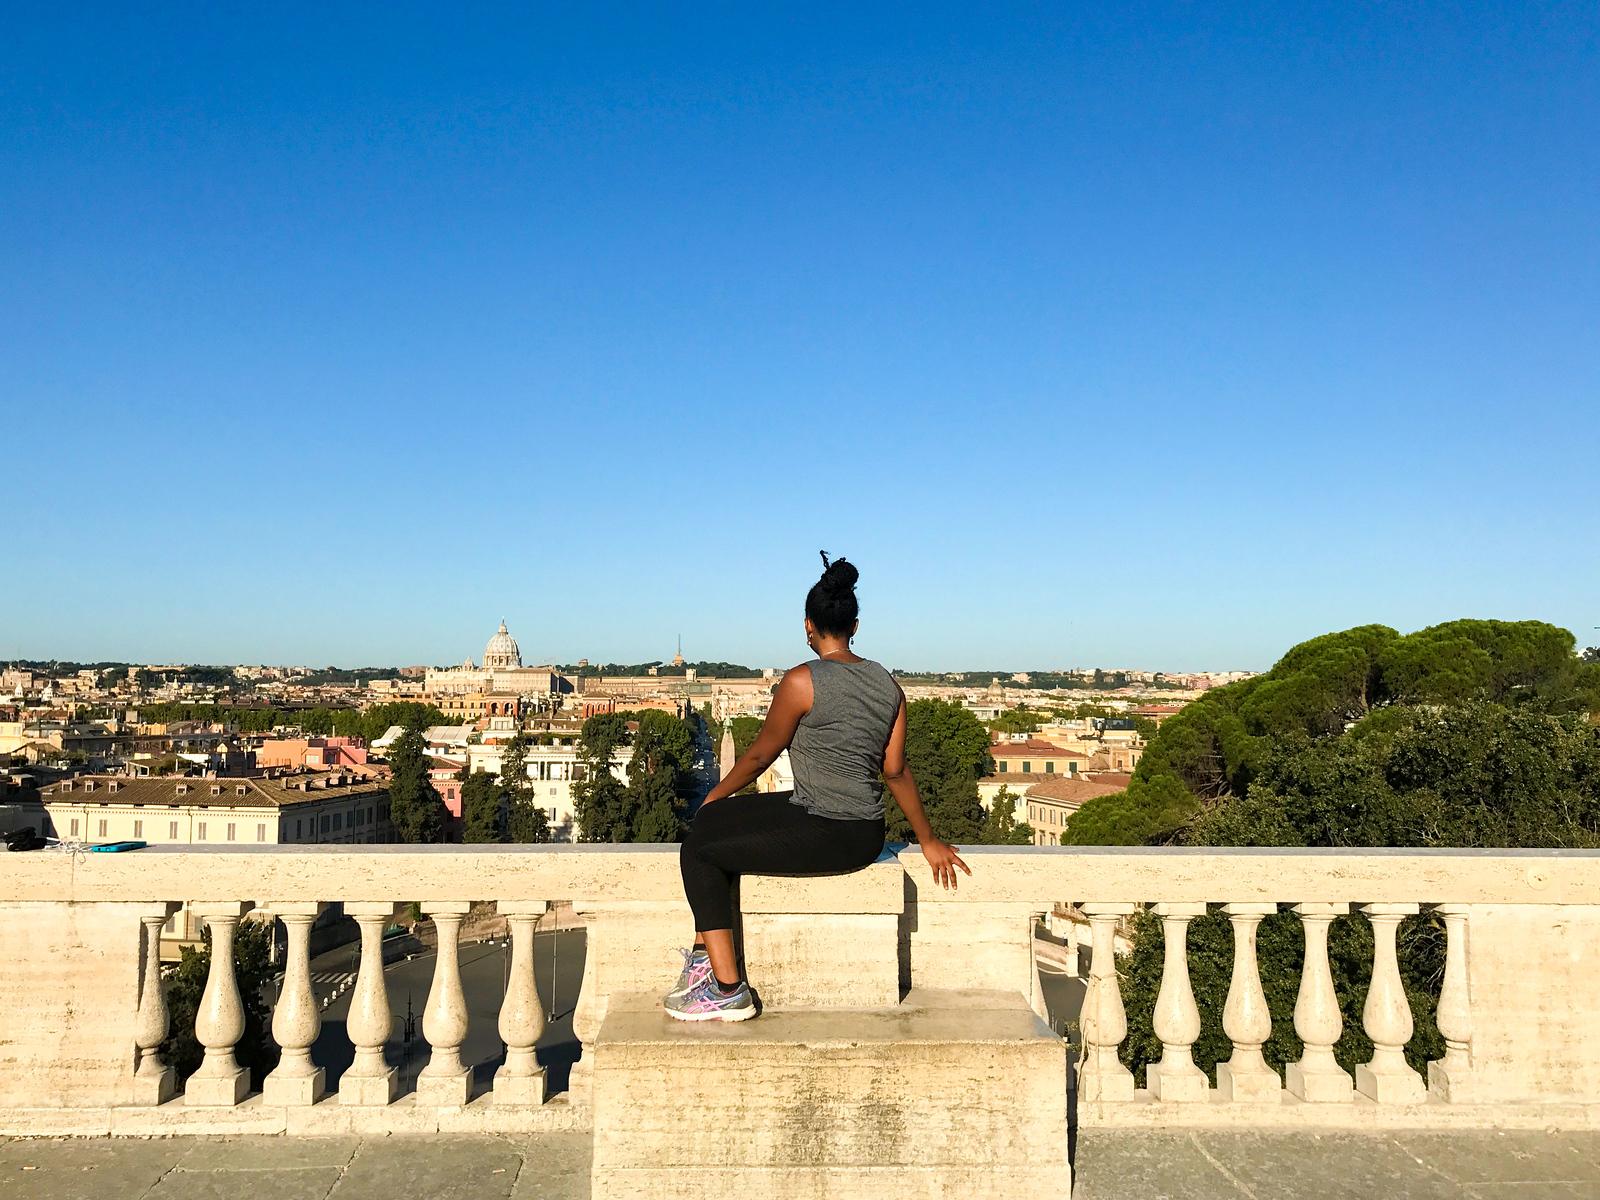 Villa Borghese Viewpoint